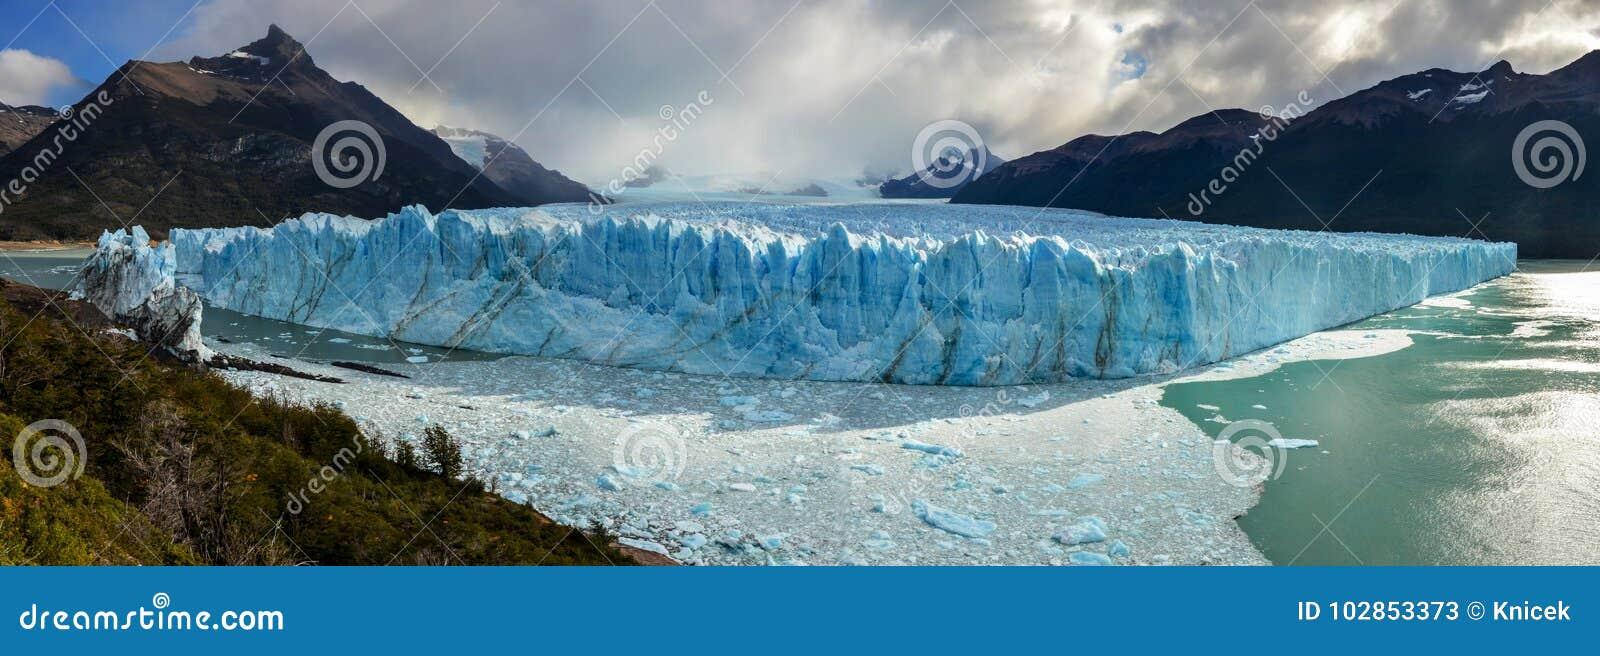 Perito Moreno Glacier nel parco nazionale di Los Glaciares in EL Calafate, Argentina, Sudamerica